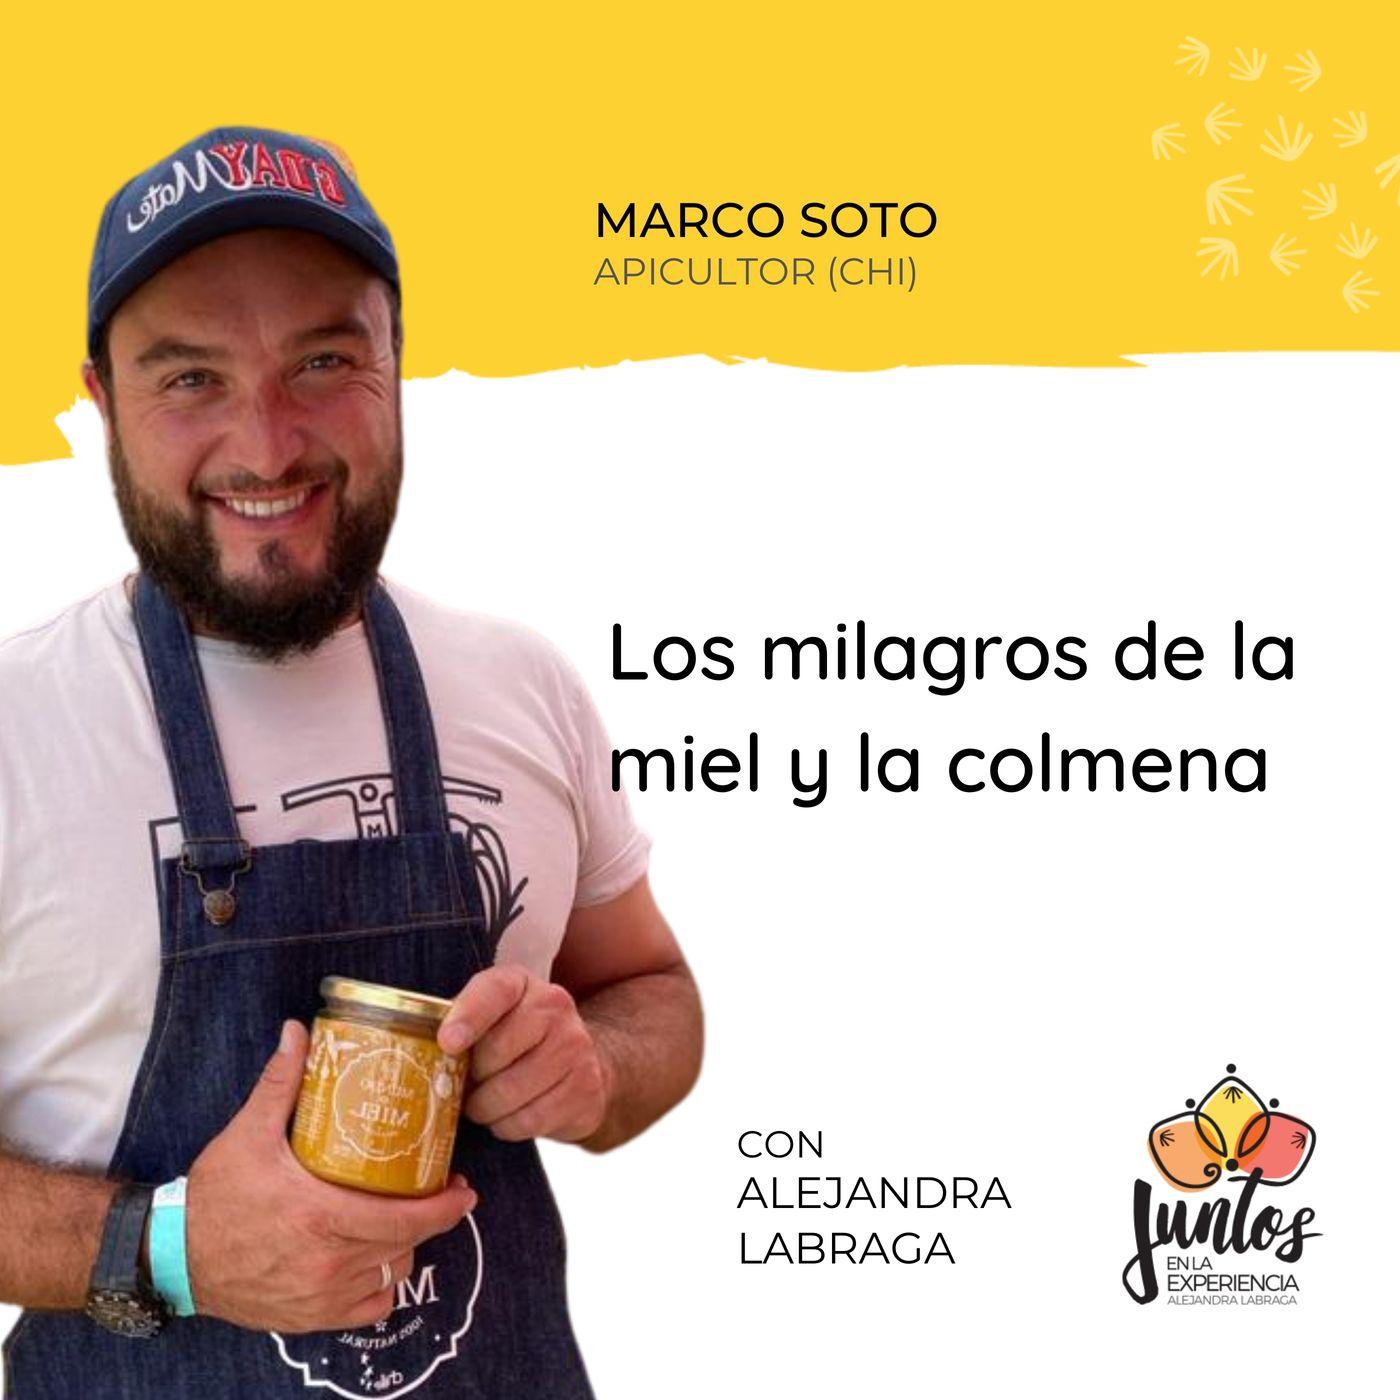 Ep. 076 - Los milagros de la miel y la colmena con Marco Soto